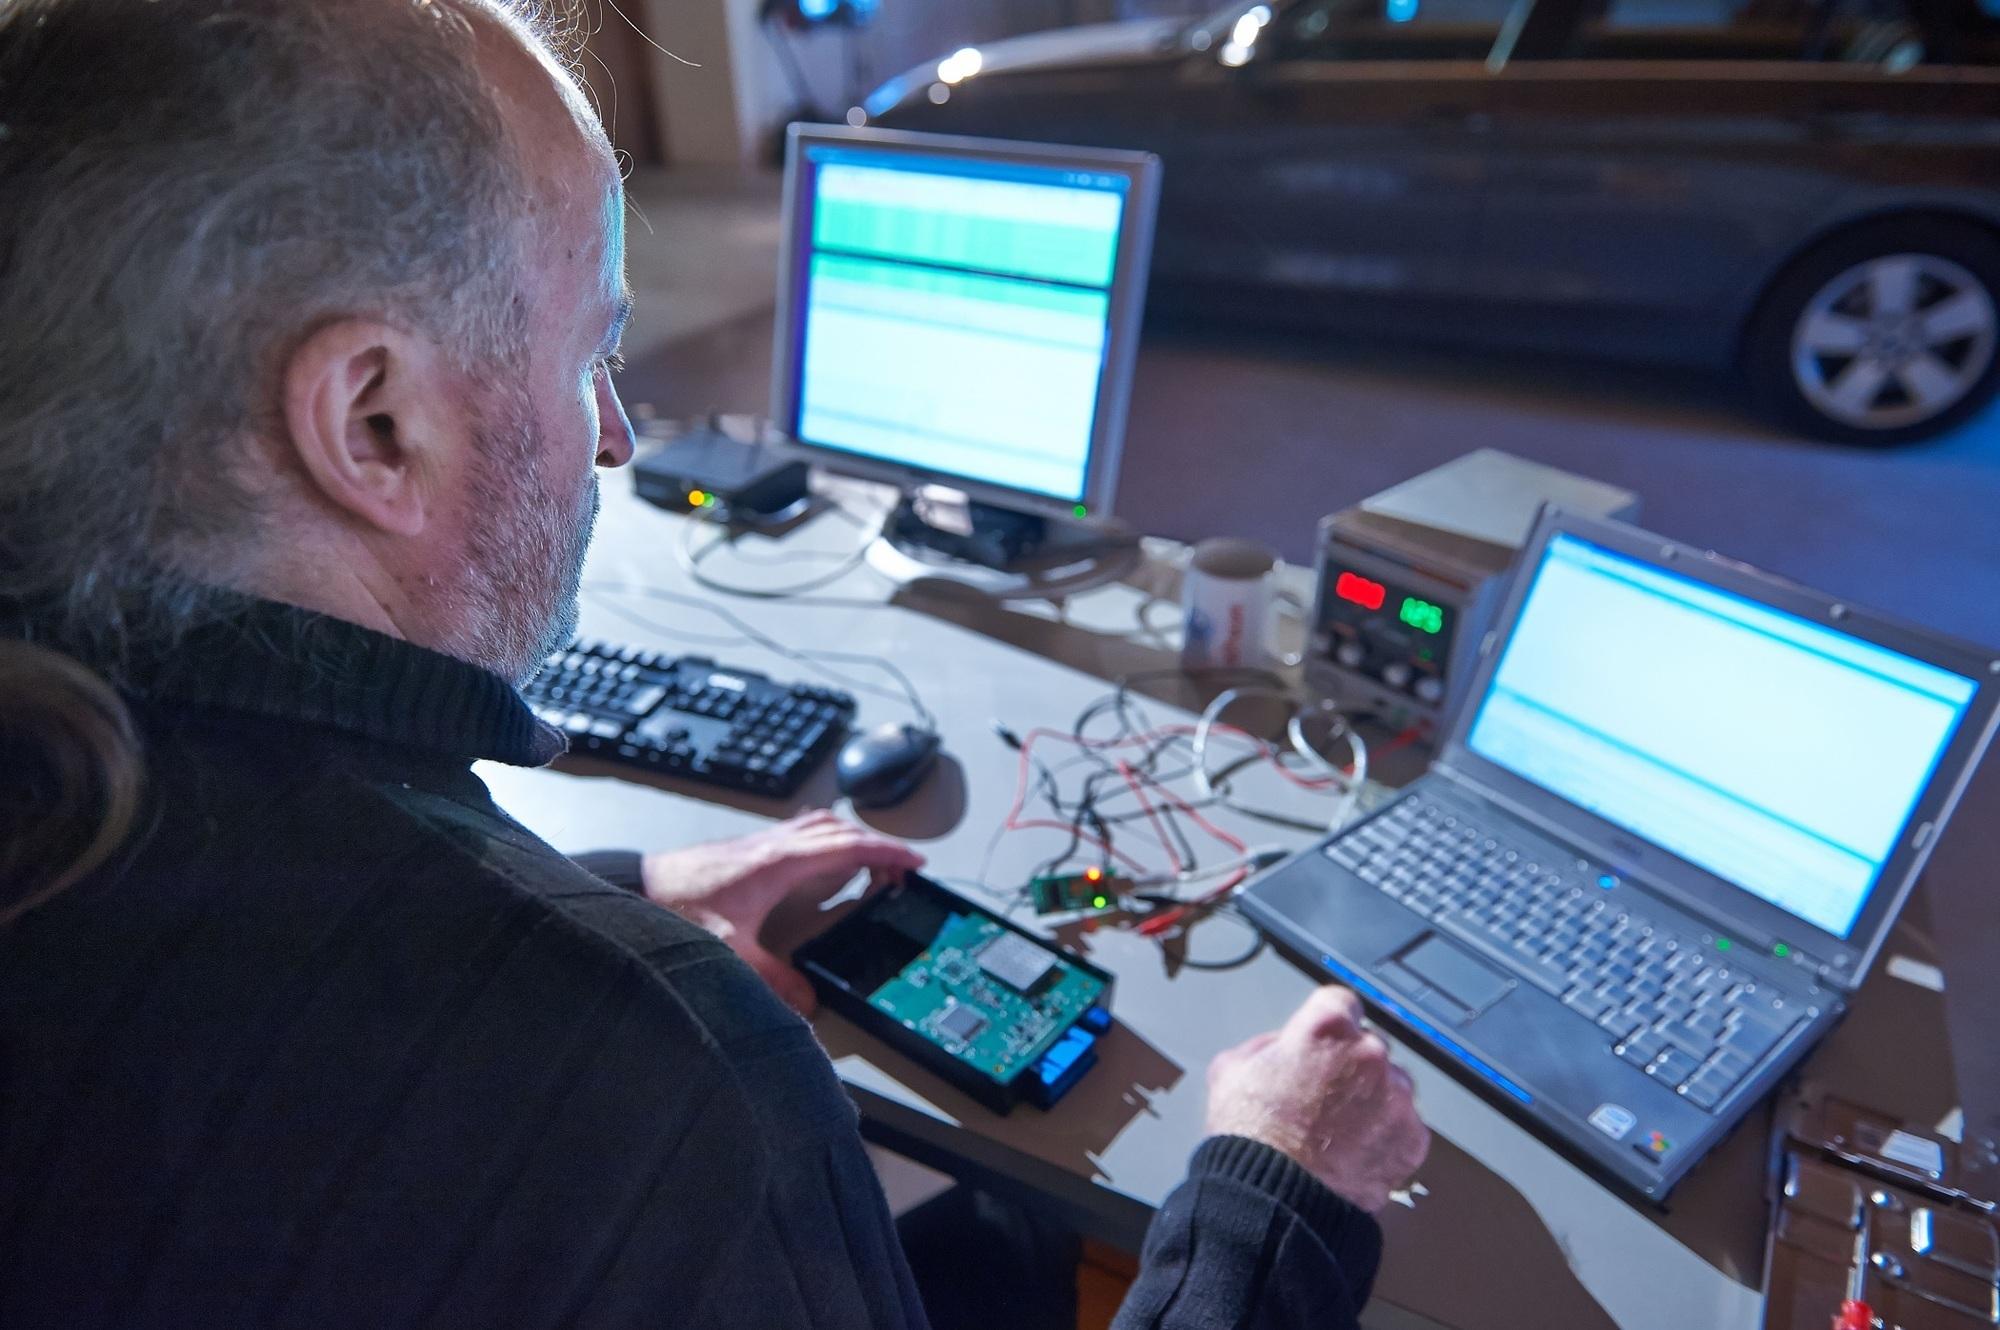 Sicherheitslücke bei BMW-Modellen - Diebe können Auto per Mobilfunk öffnen